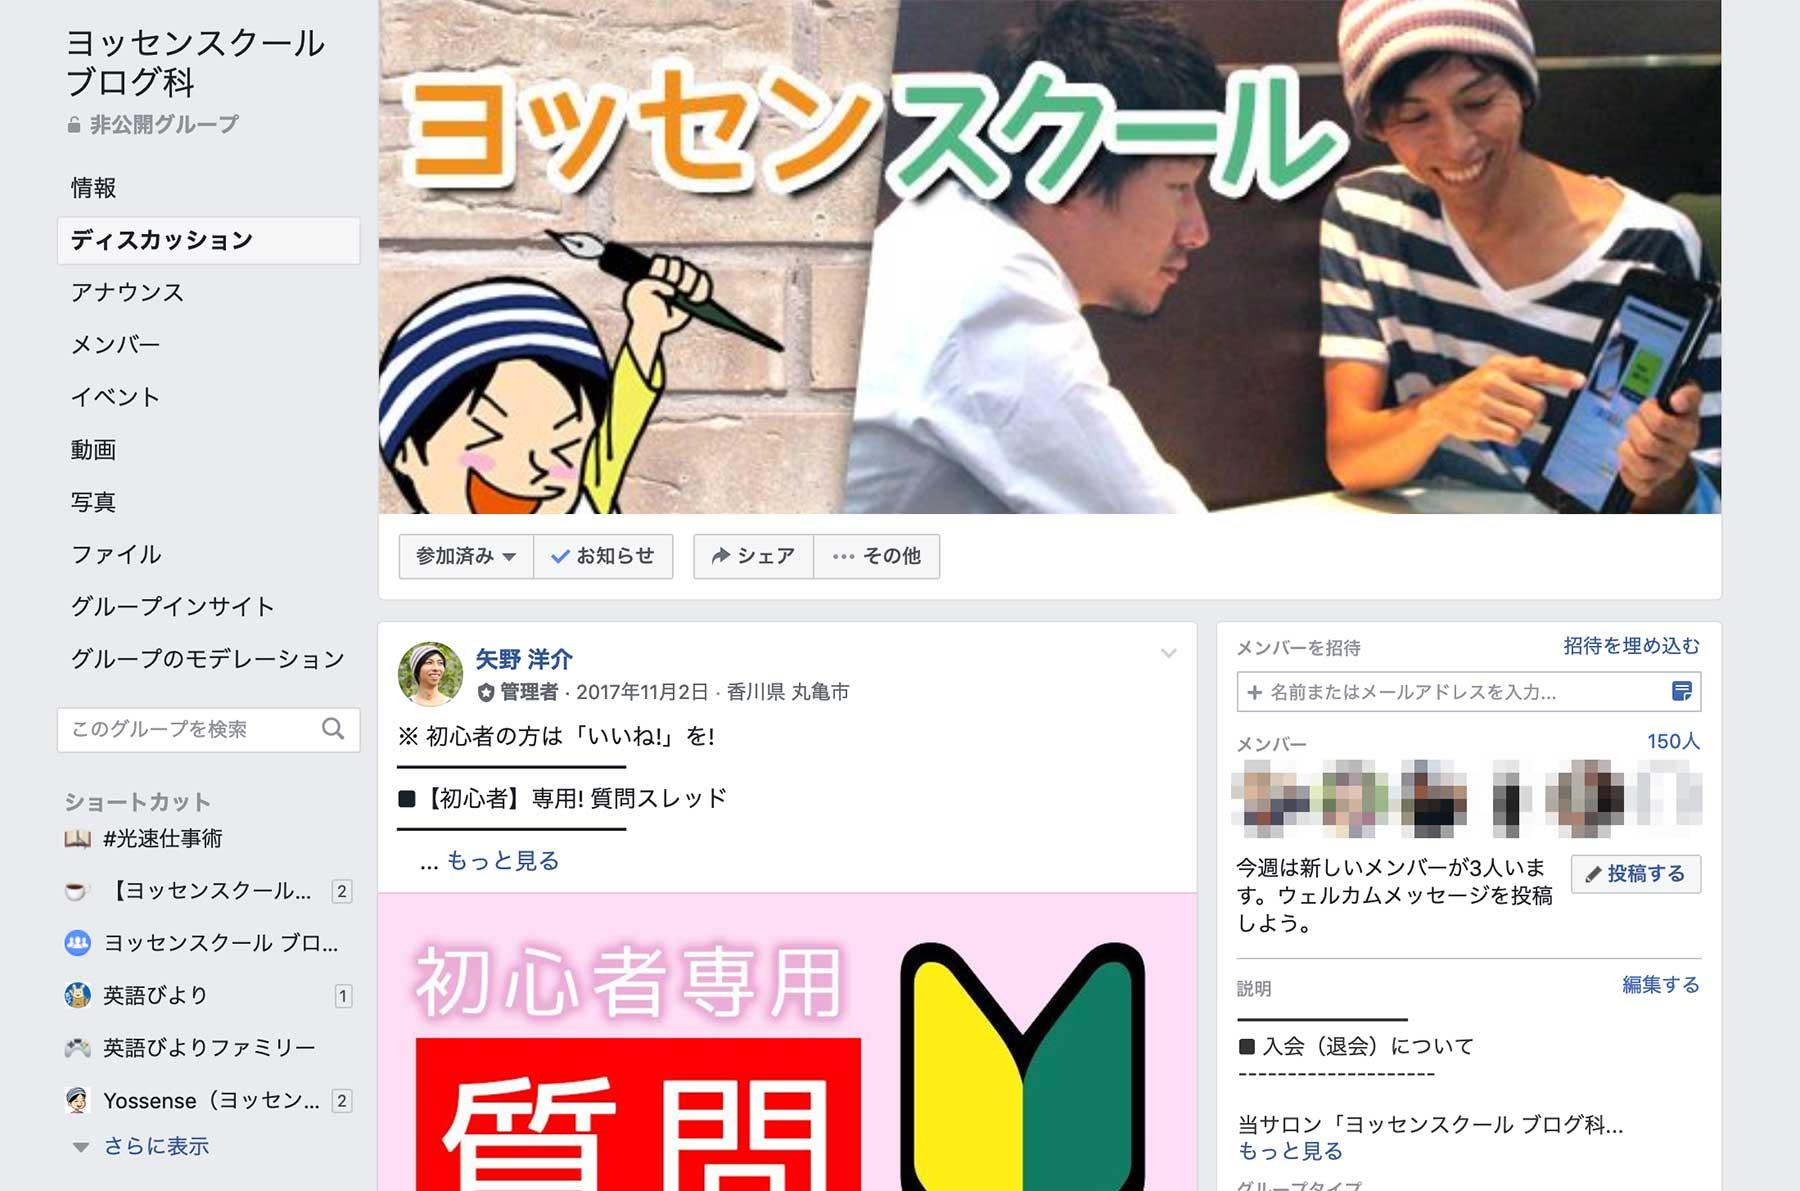 ヨッセンスクールはFacebookの非公開グループで運営しています